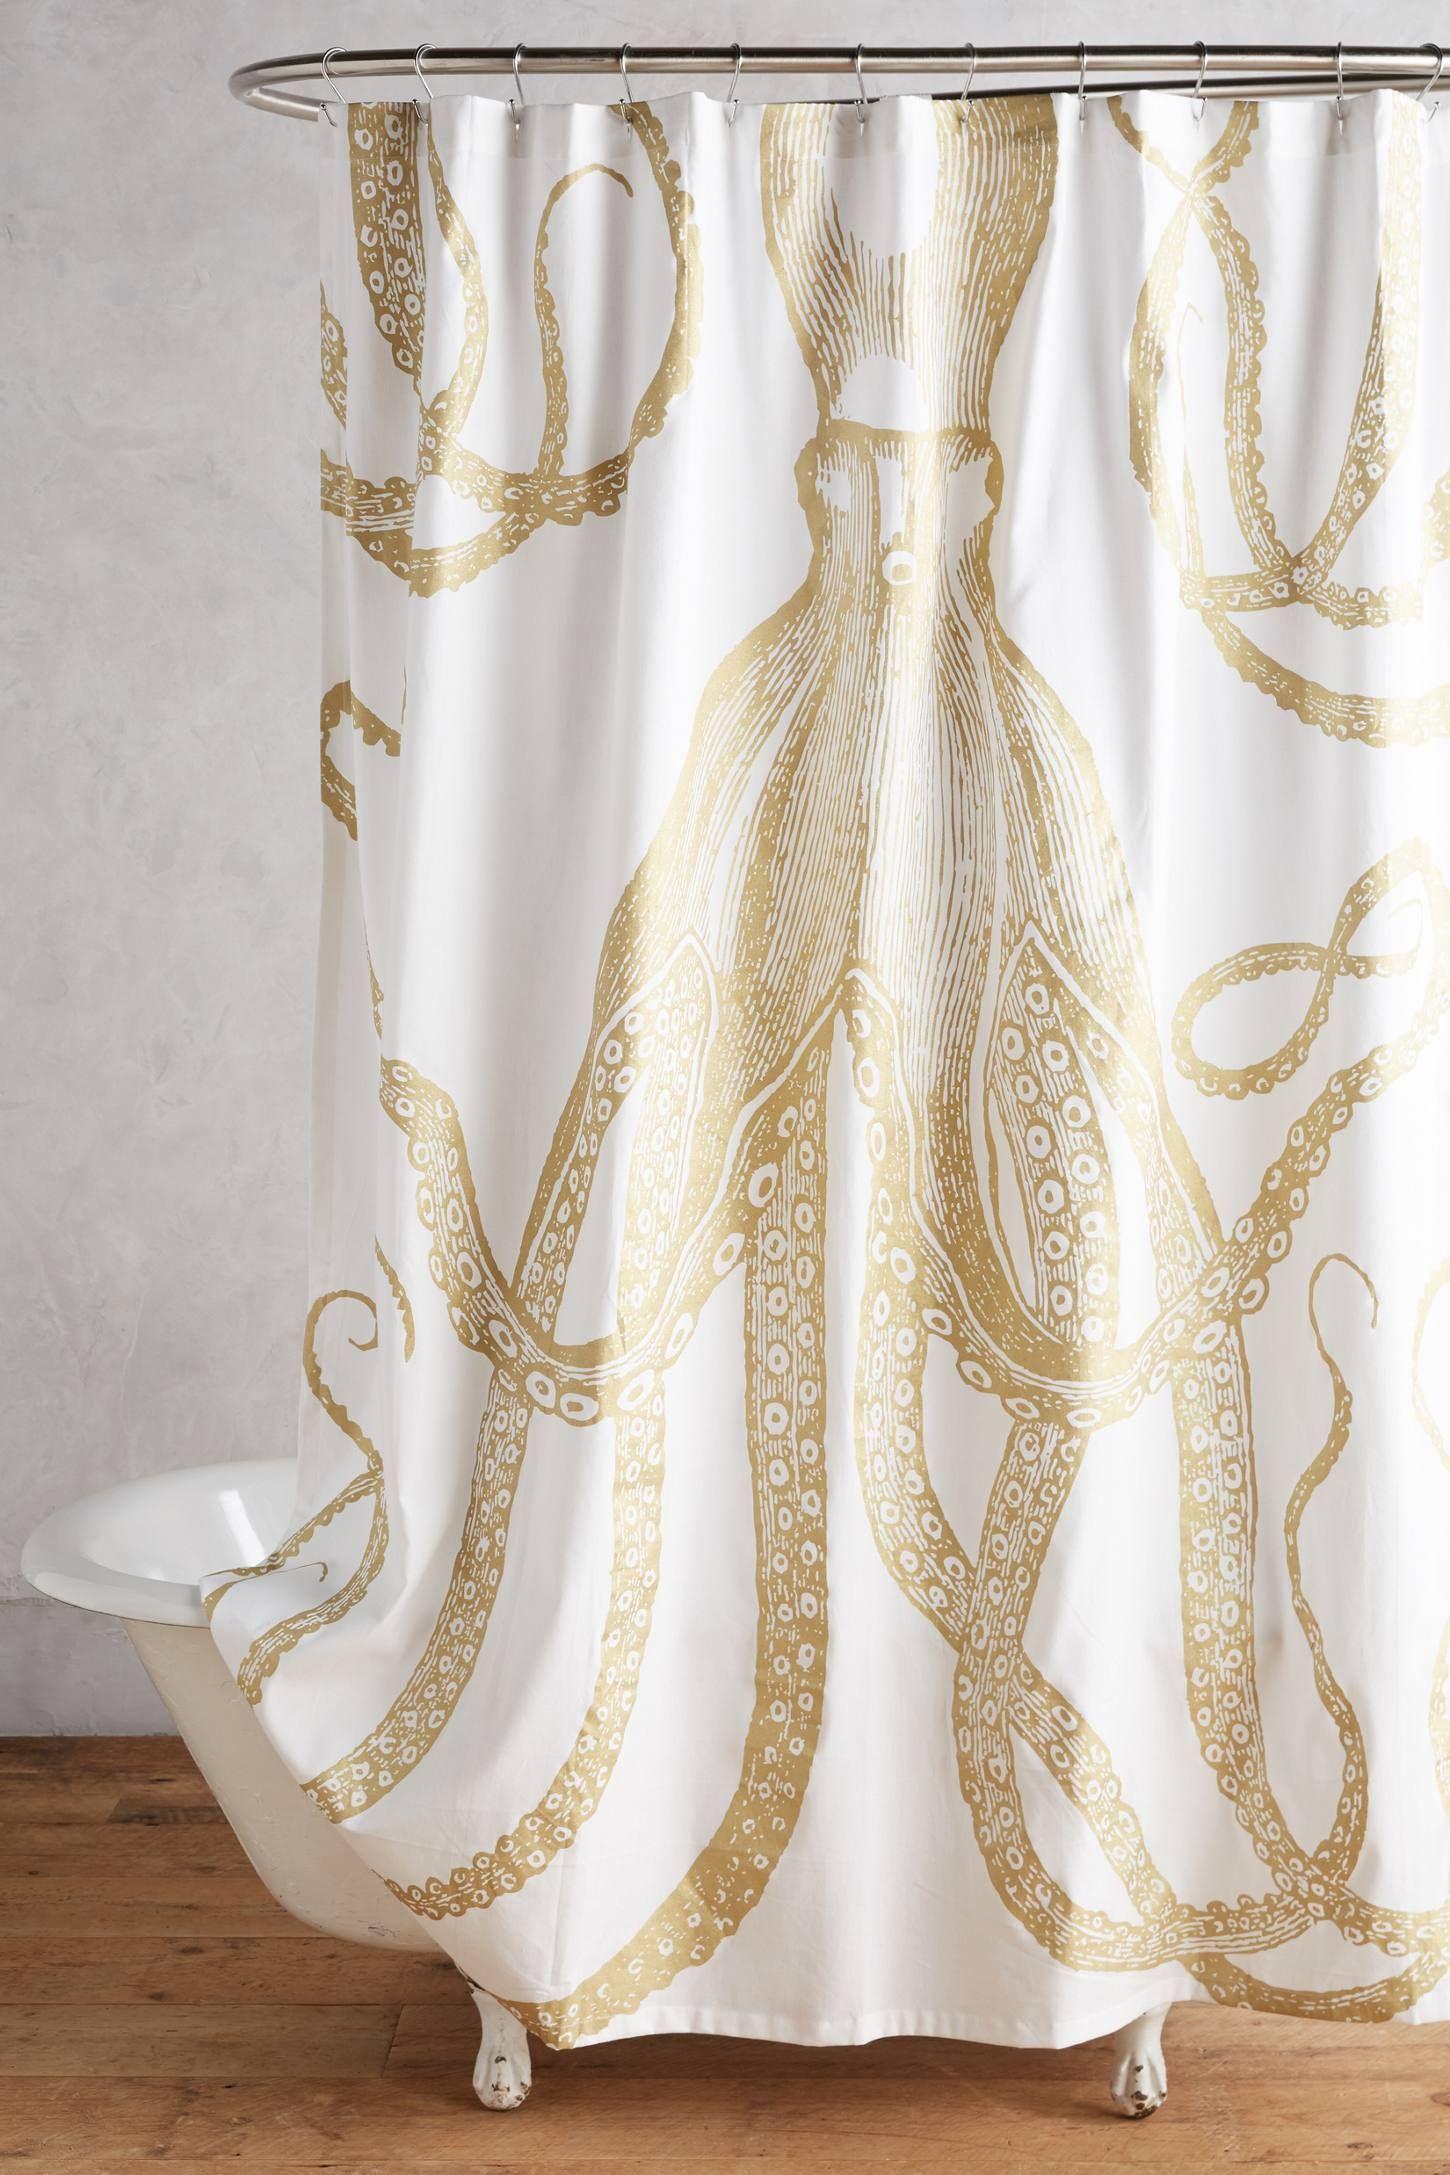 Kraken shower curtain - Golden Octopus Shower Curtain